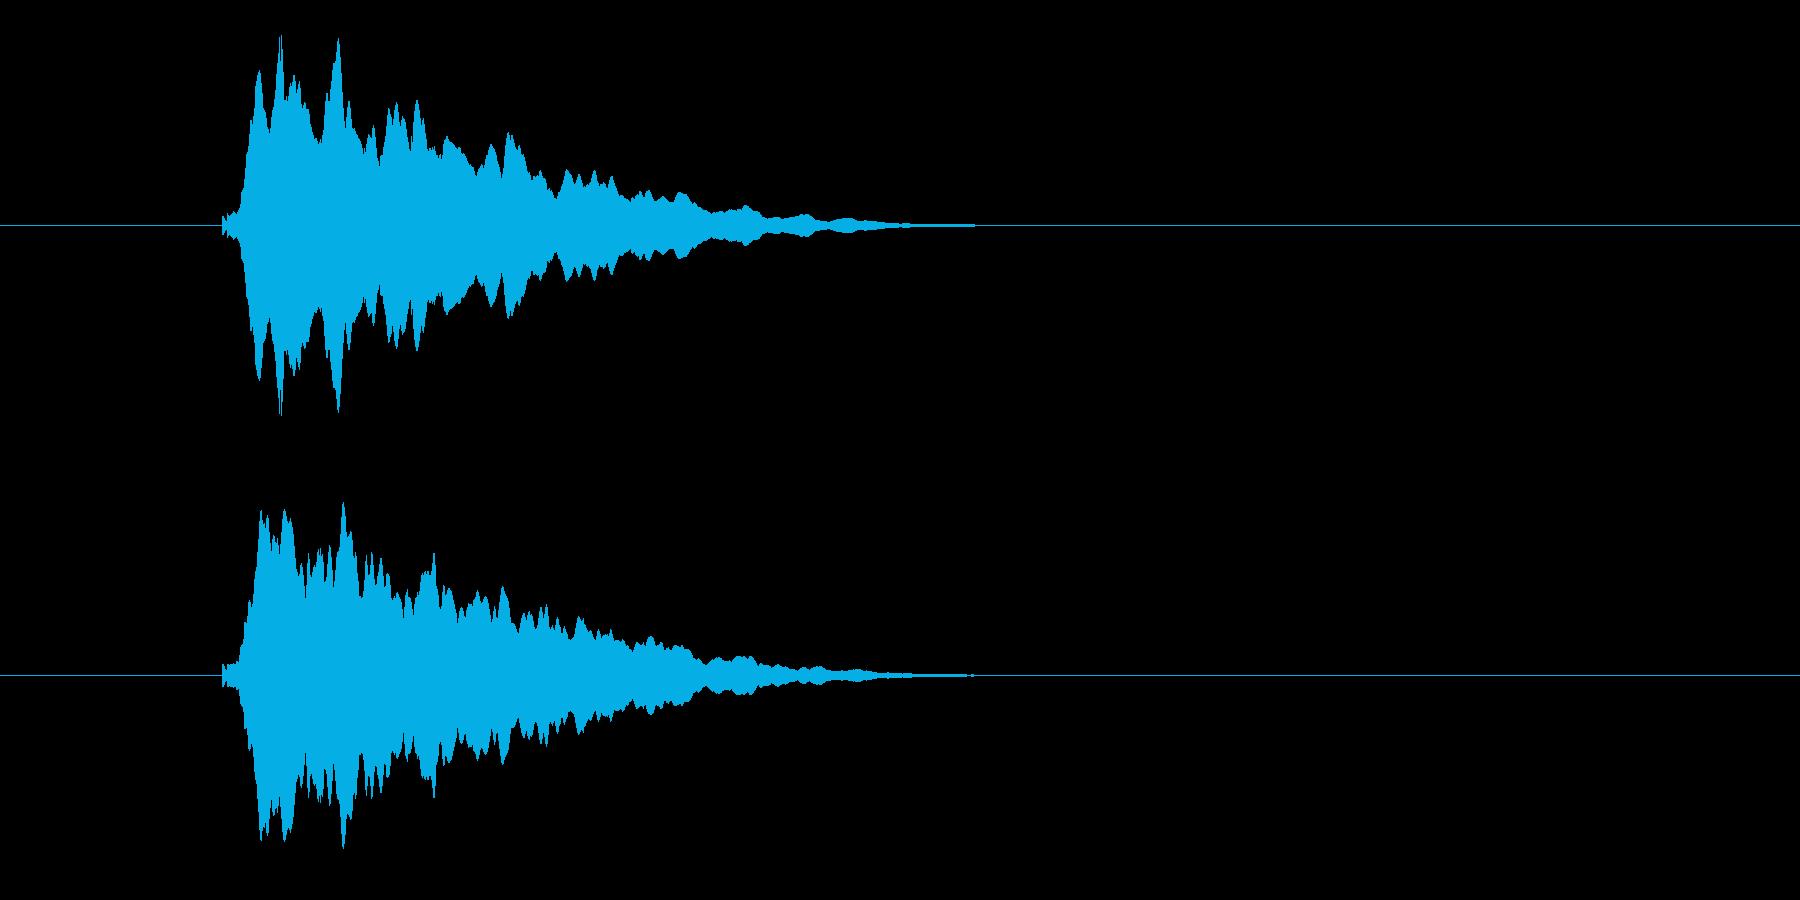 シャーン、テロップ音、スーパー。の再生済みの波形